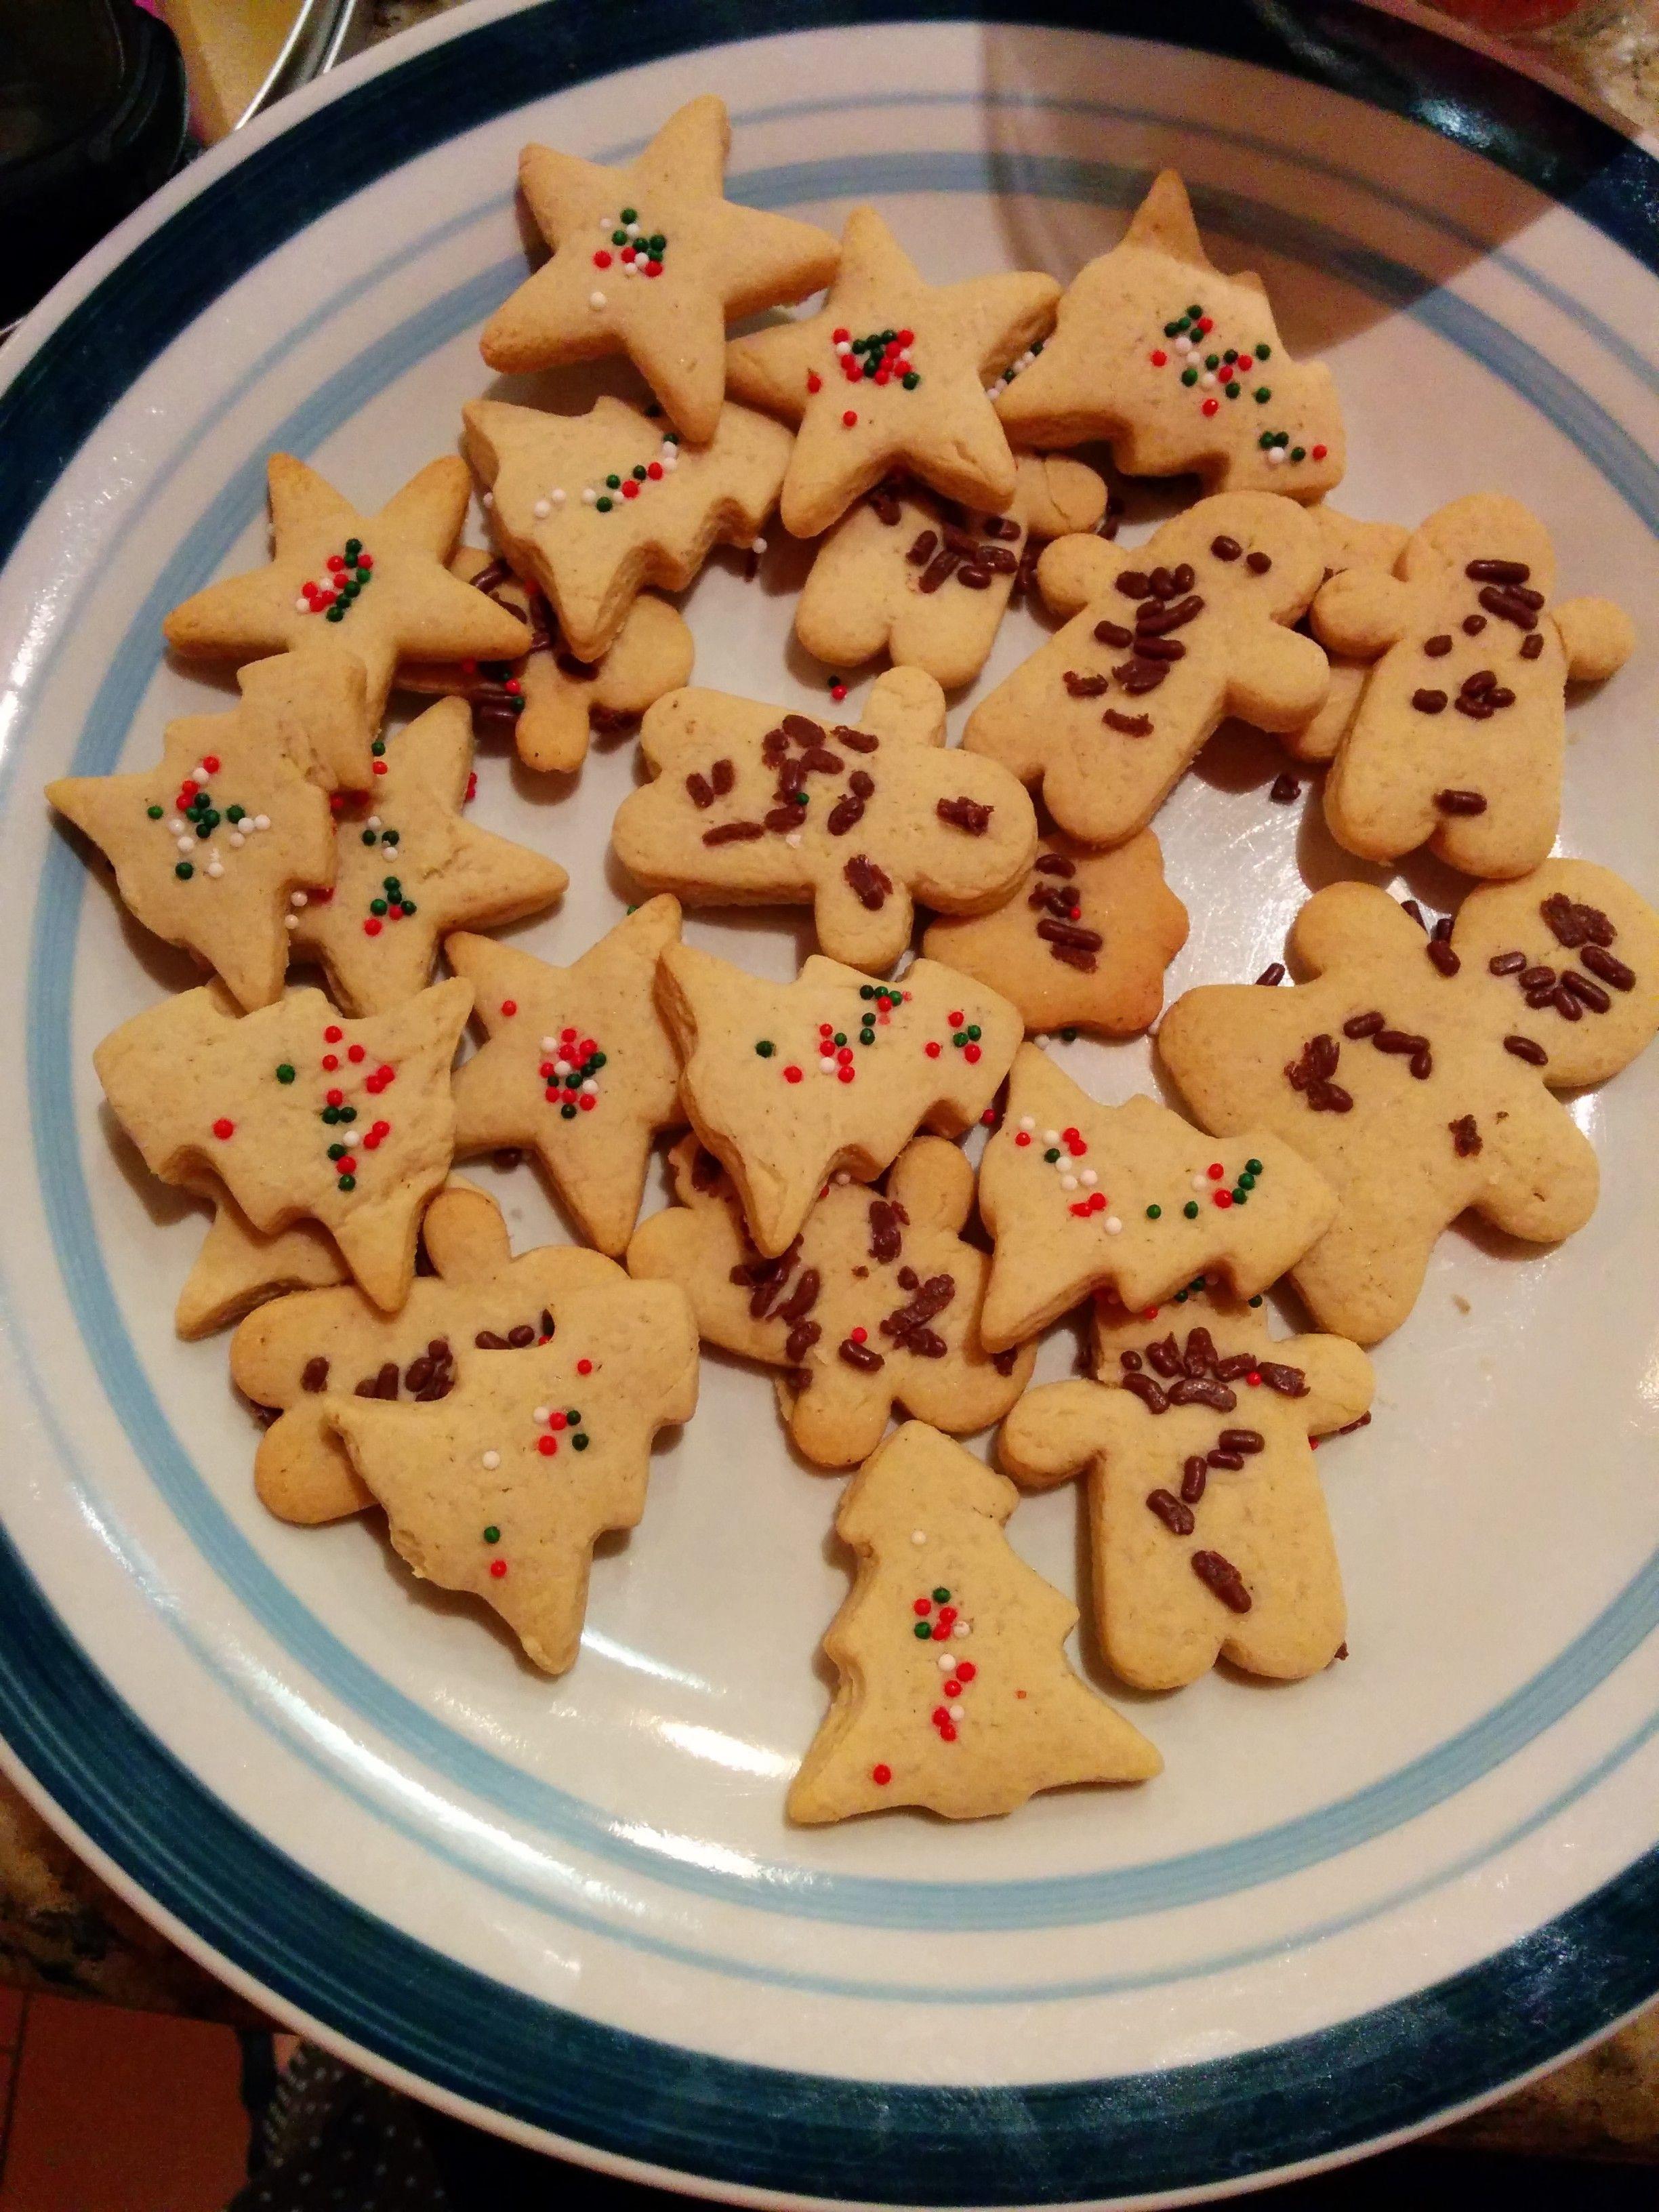 #Cookies #MerryCookies